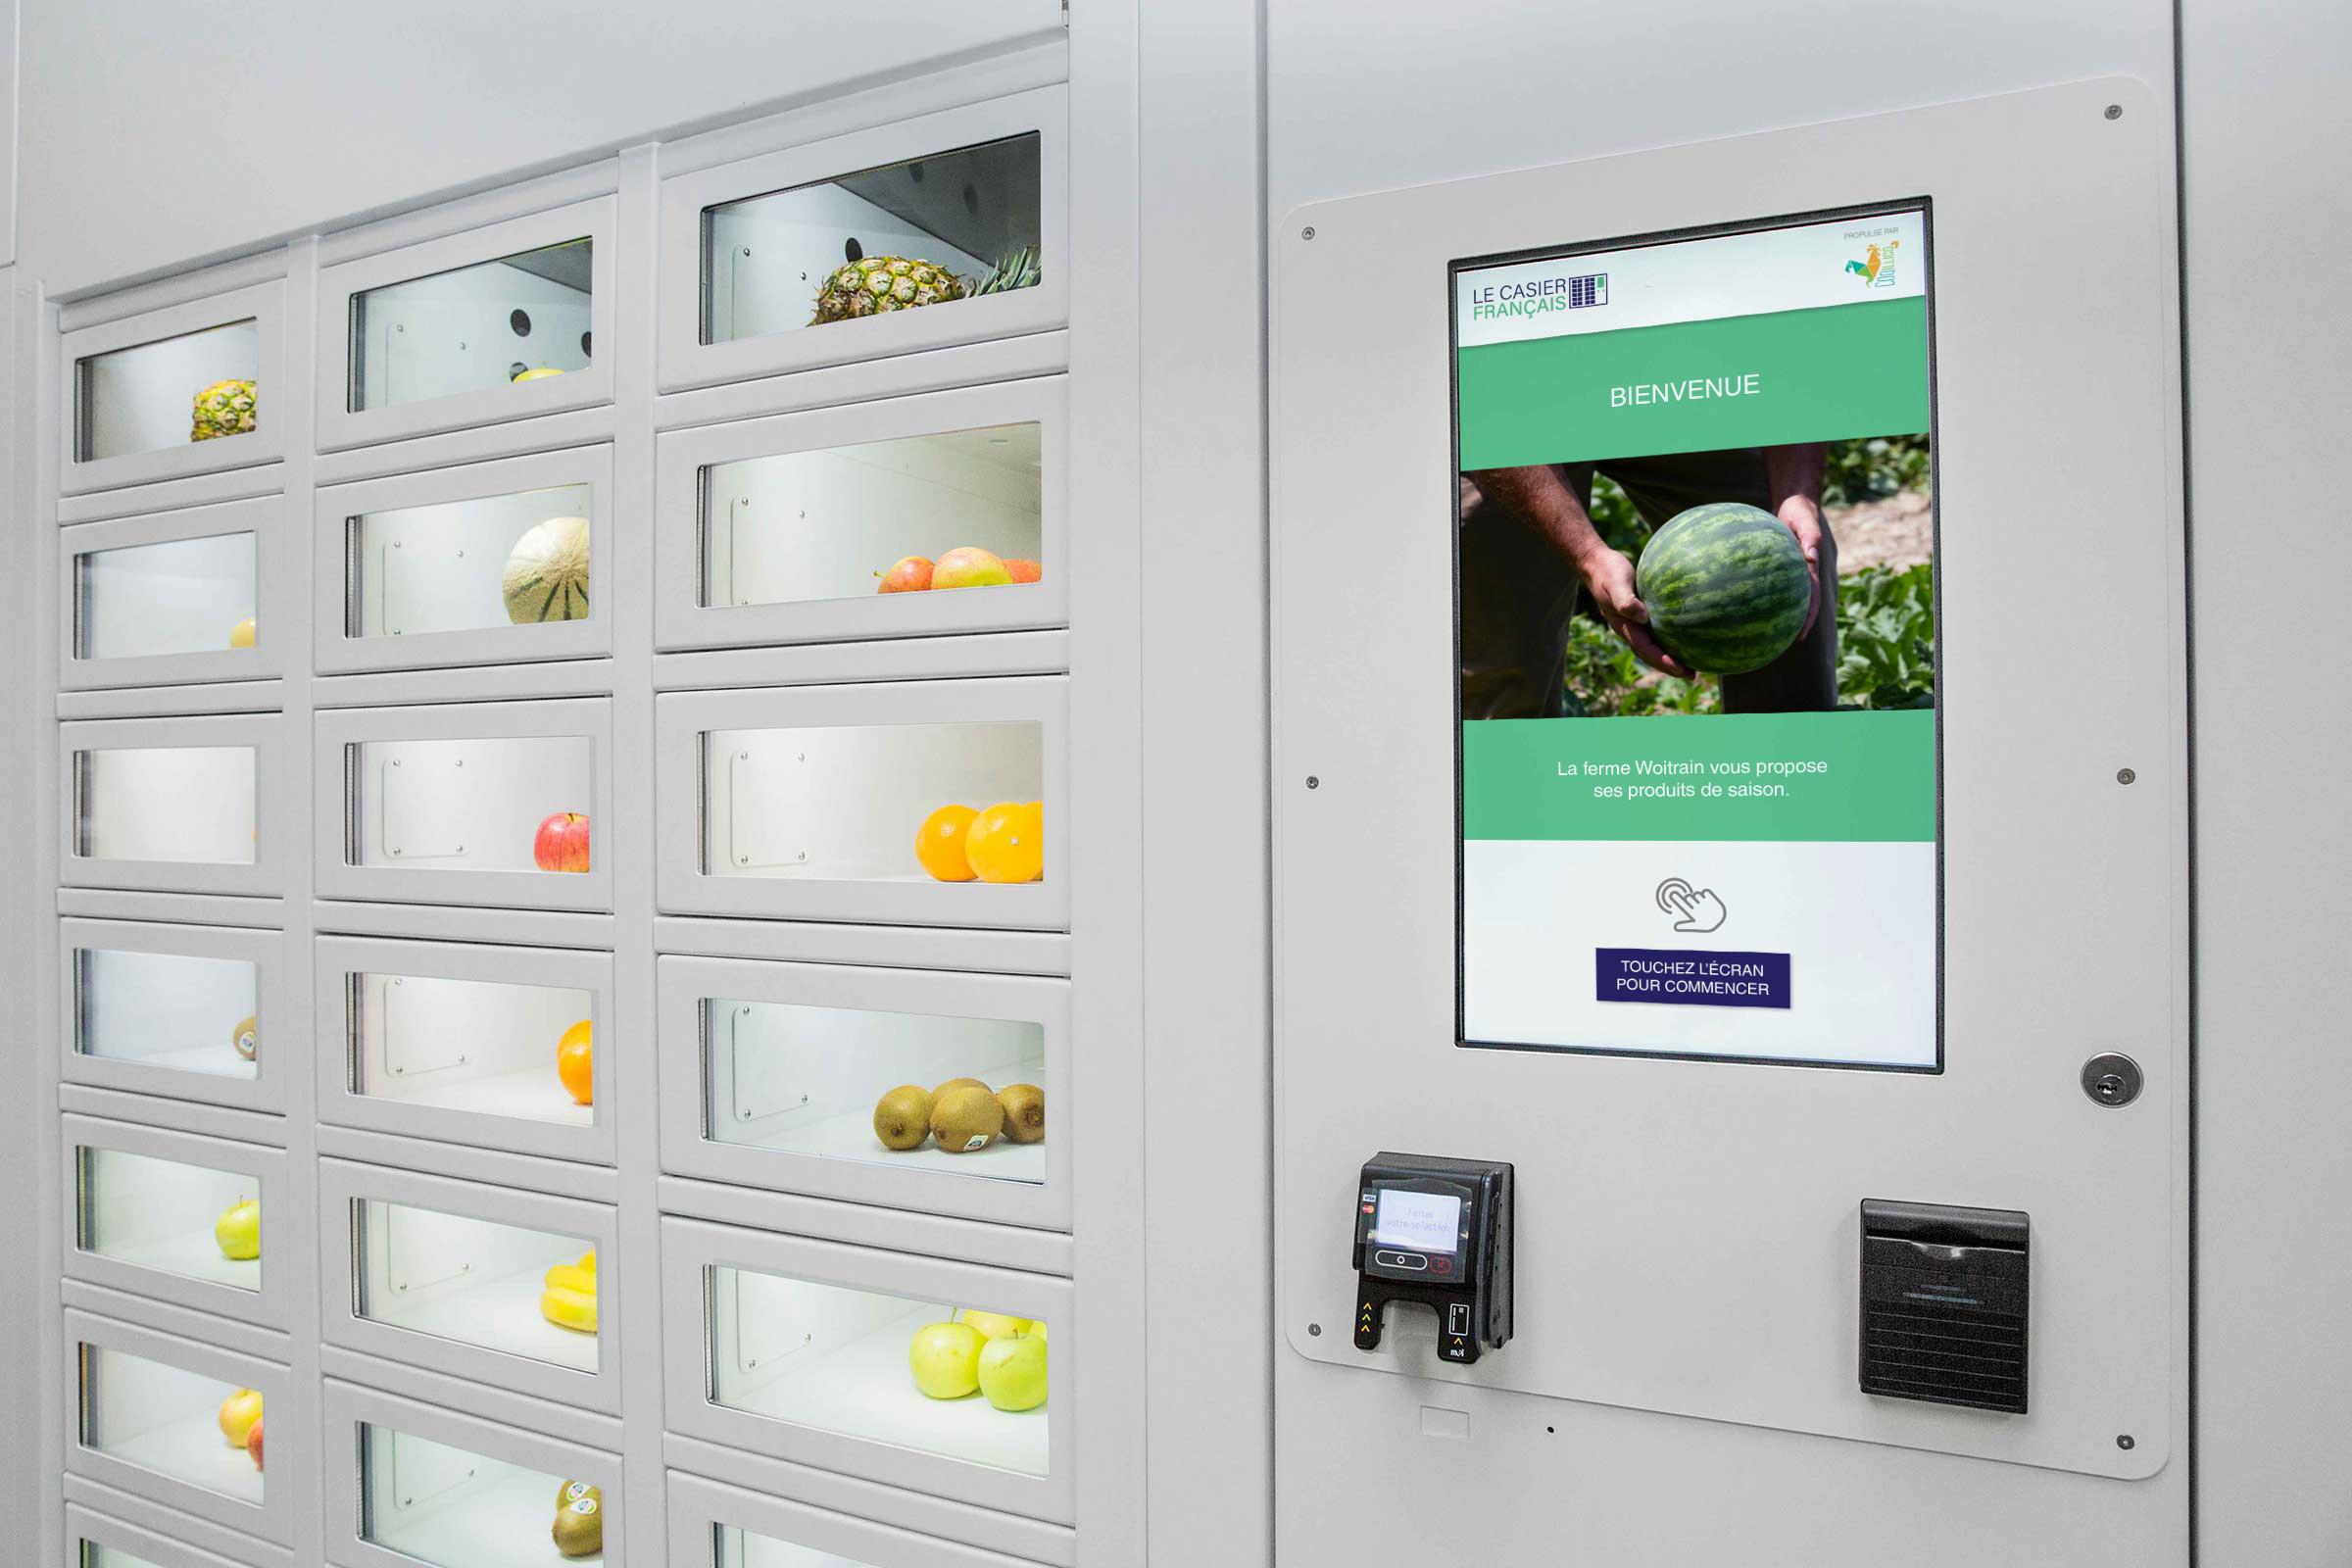 Control unit for Le Casier Français vending machine